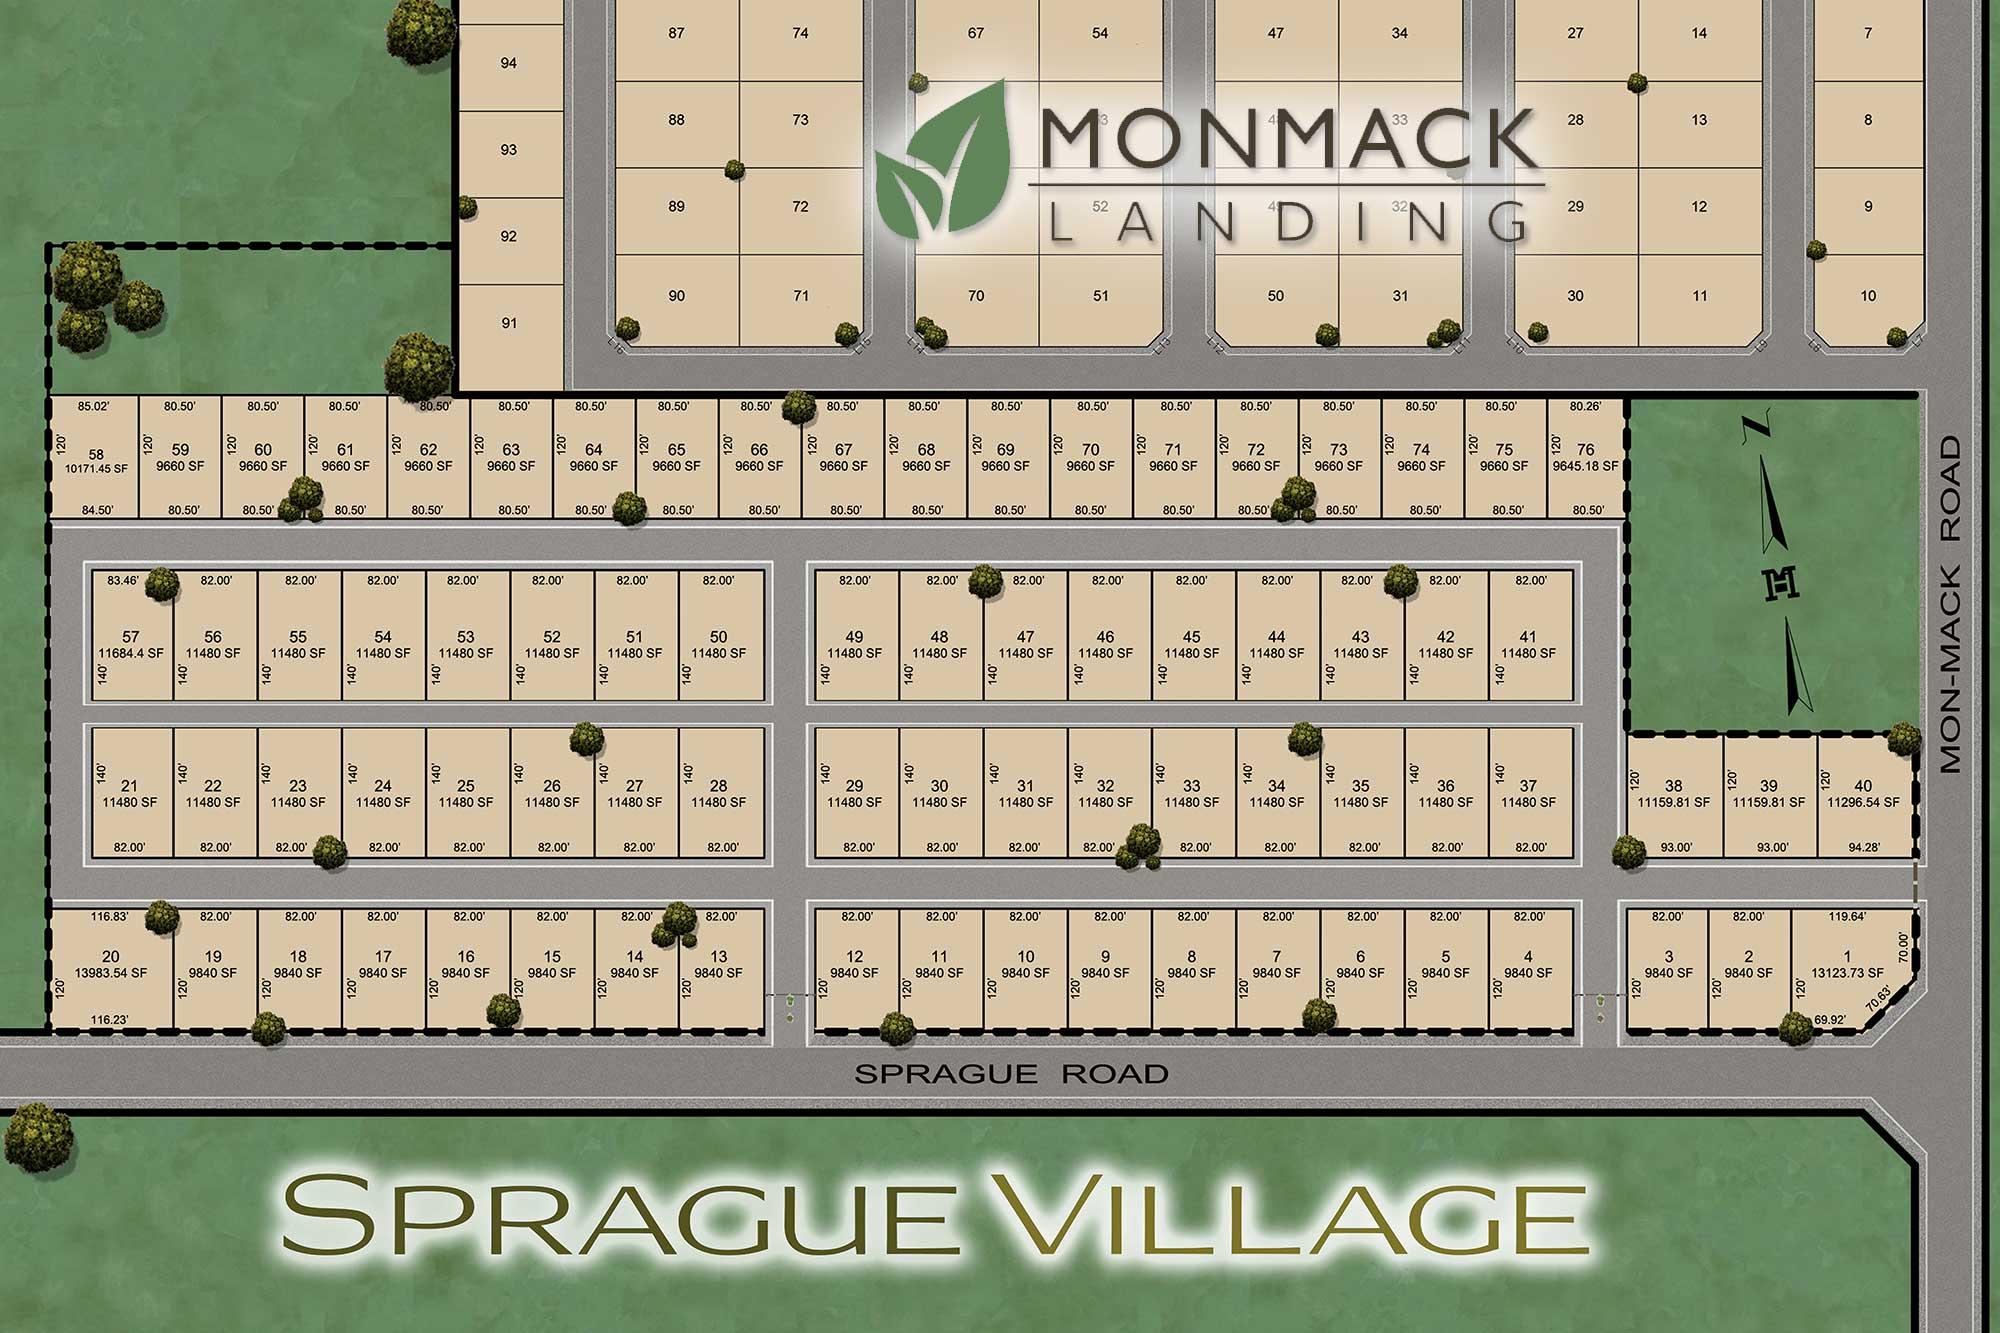 Sprague Village